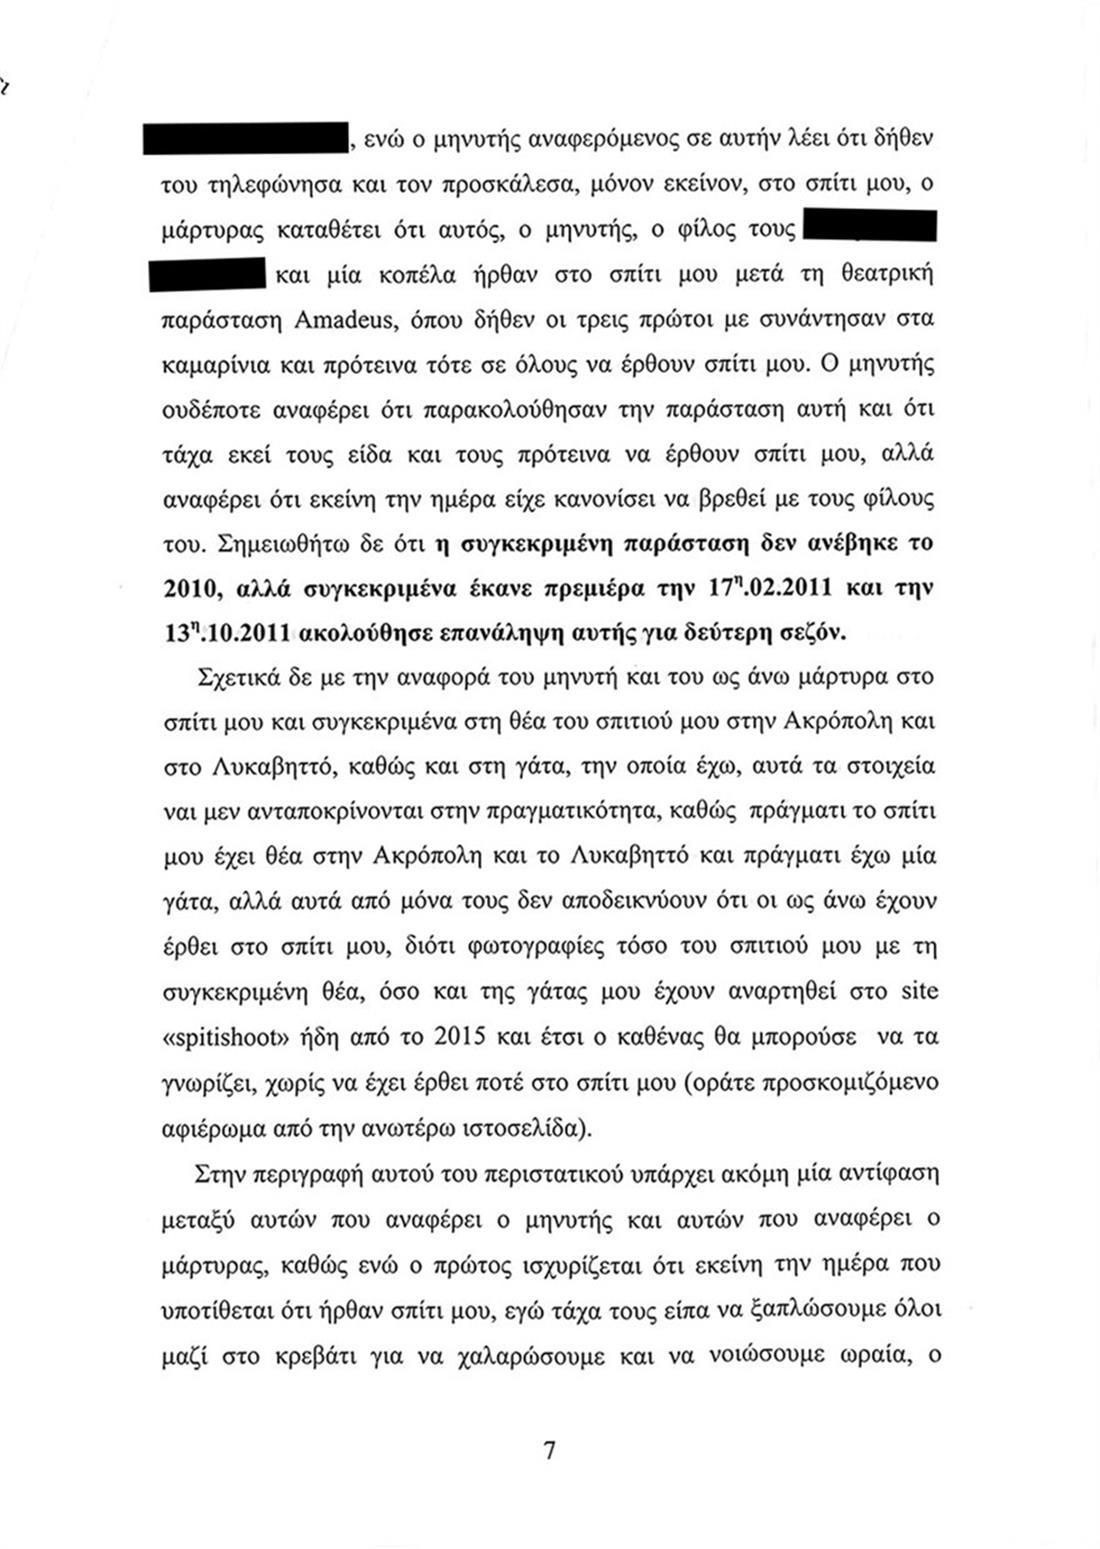 Απολογητικό υπόμνημα - Απολογία - Δημήτρης Λιγνάδης